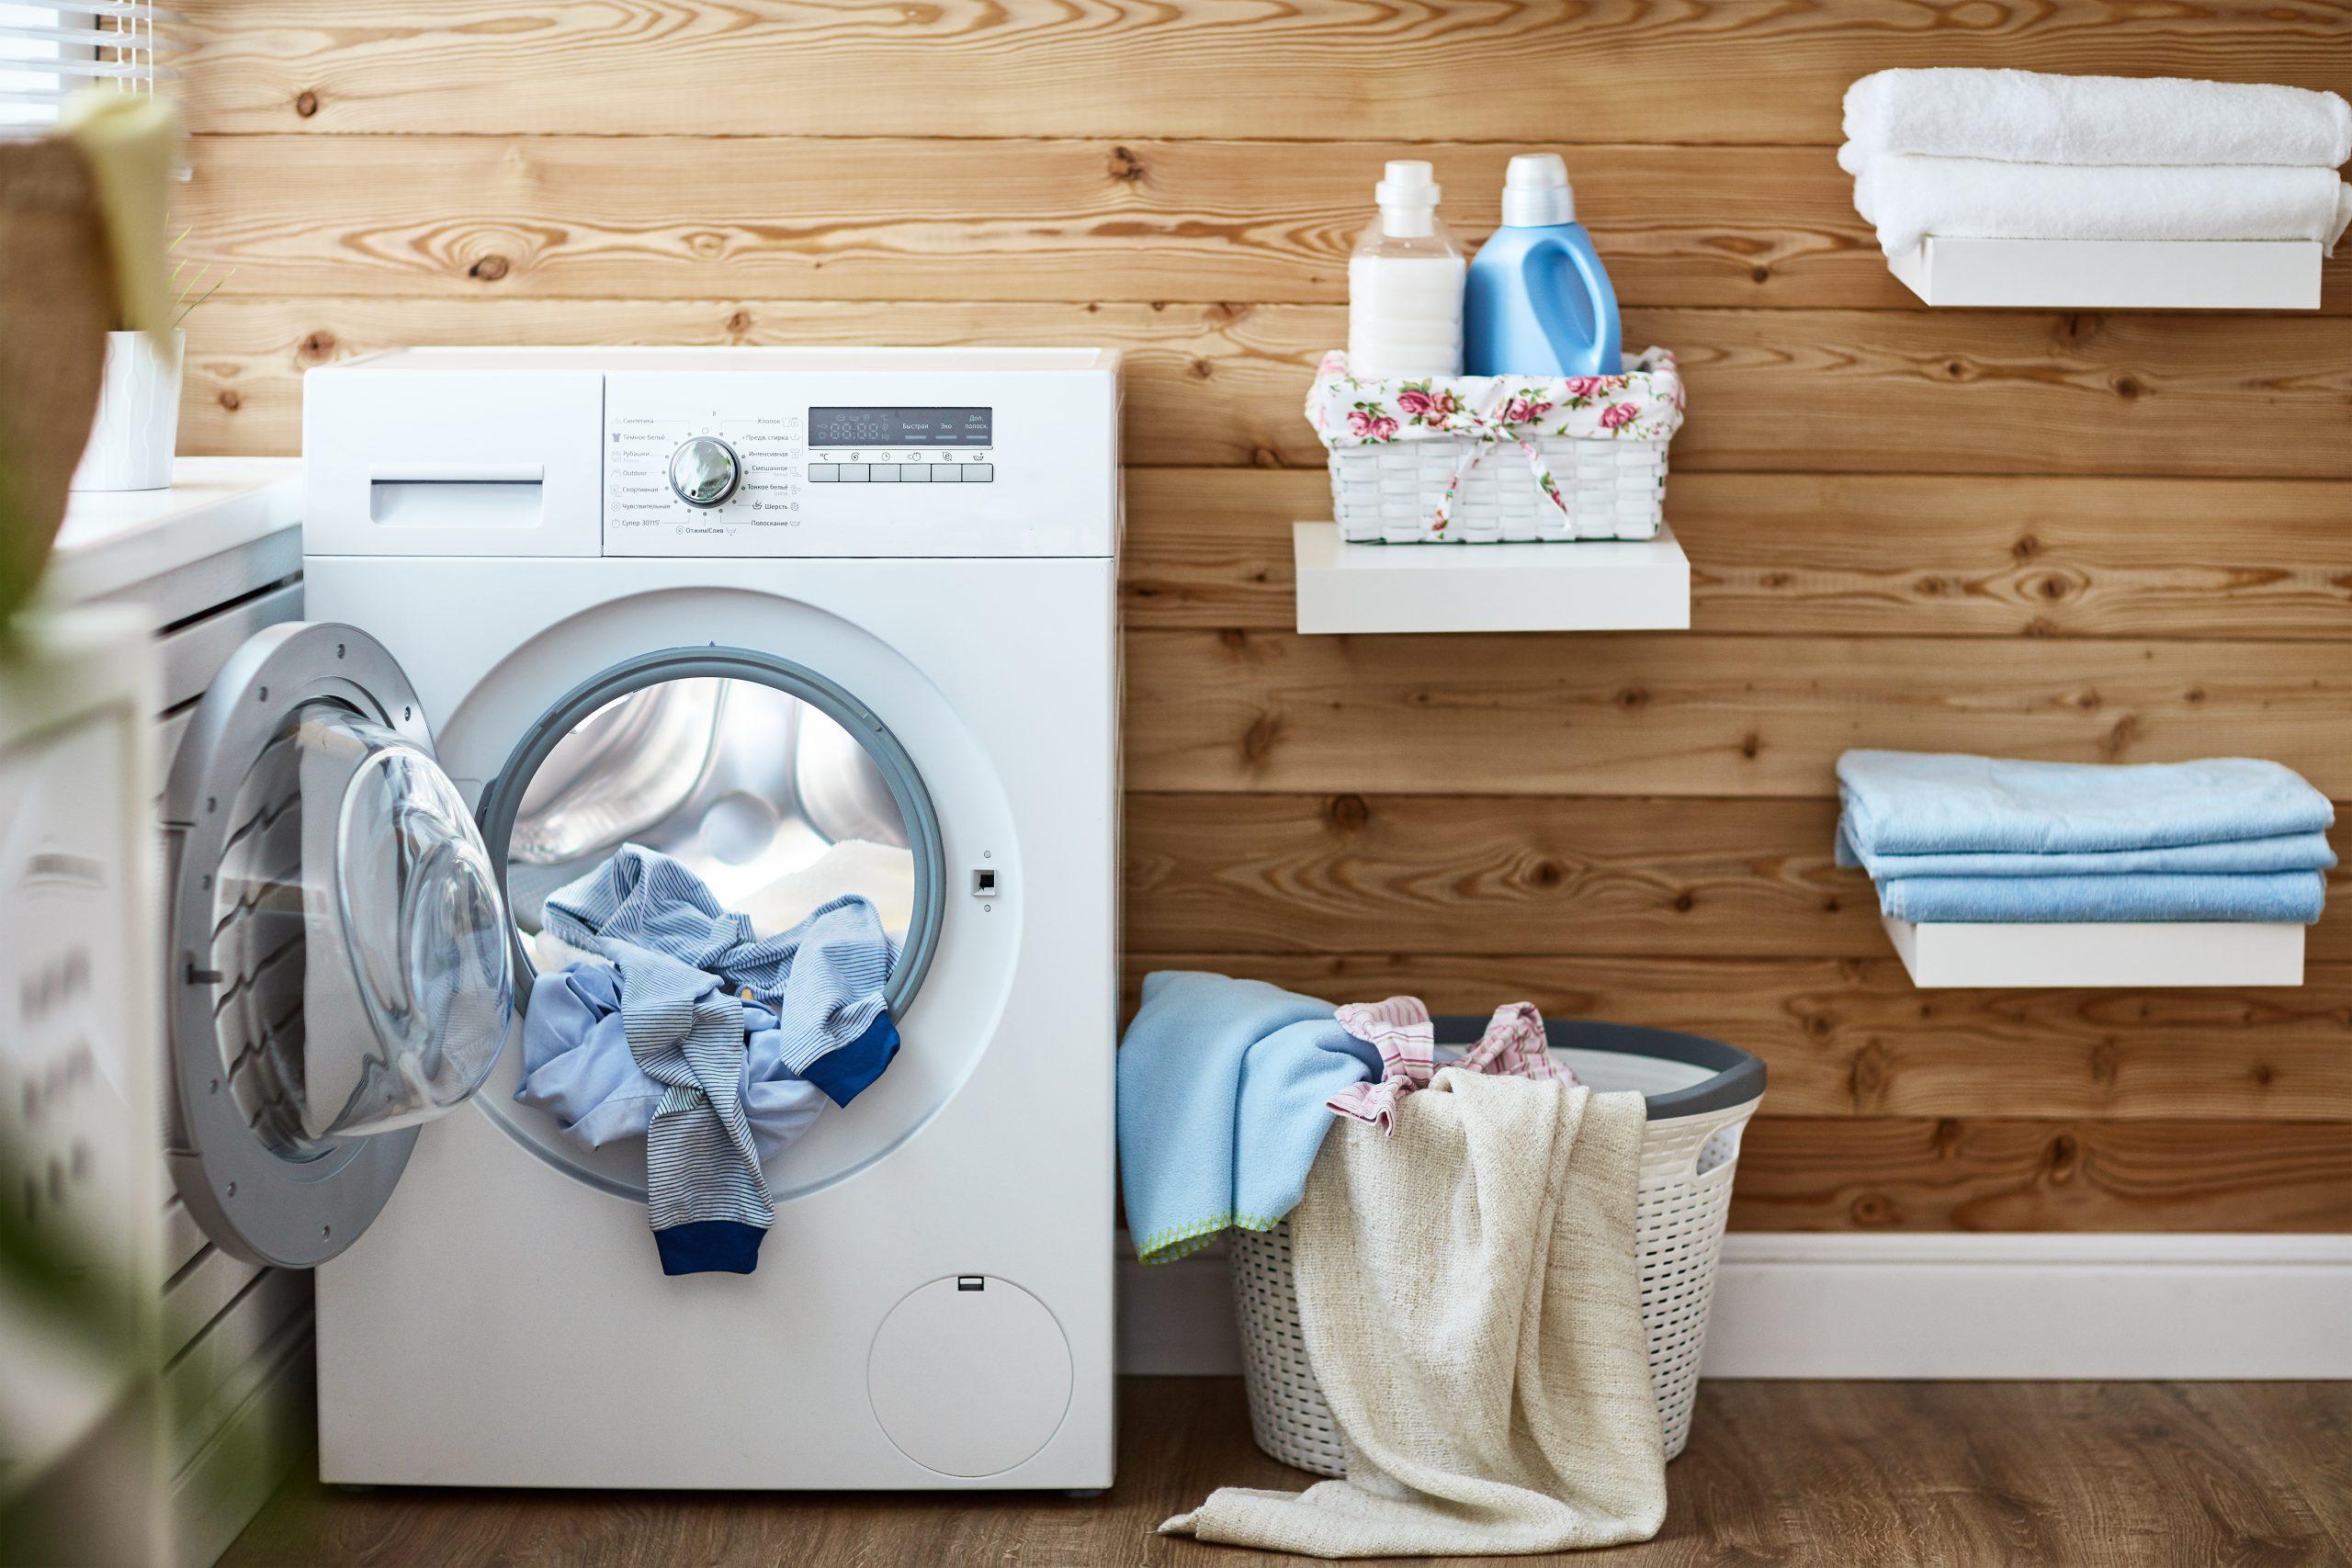 lavadorasecadora-0-Atamanenko-84975599_l-scaled.jpg